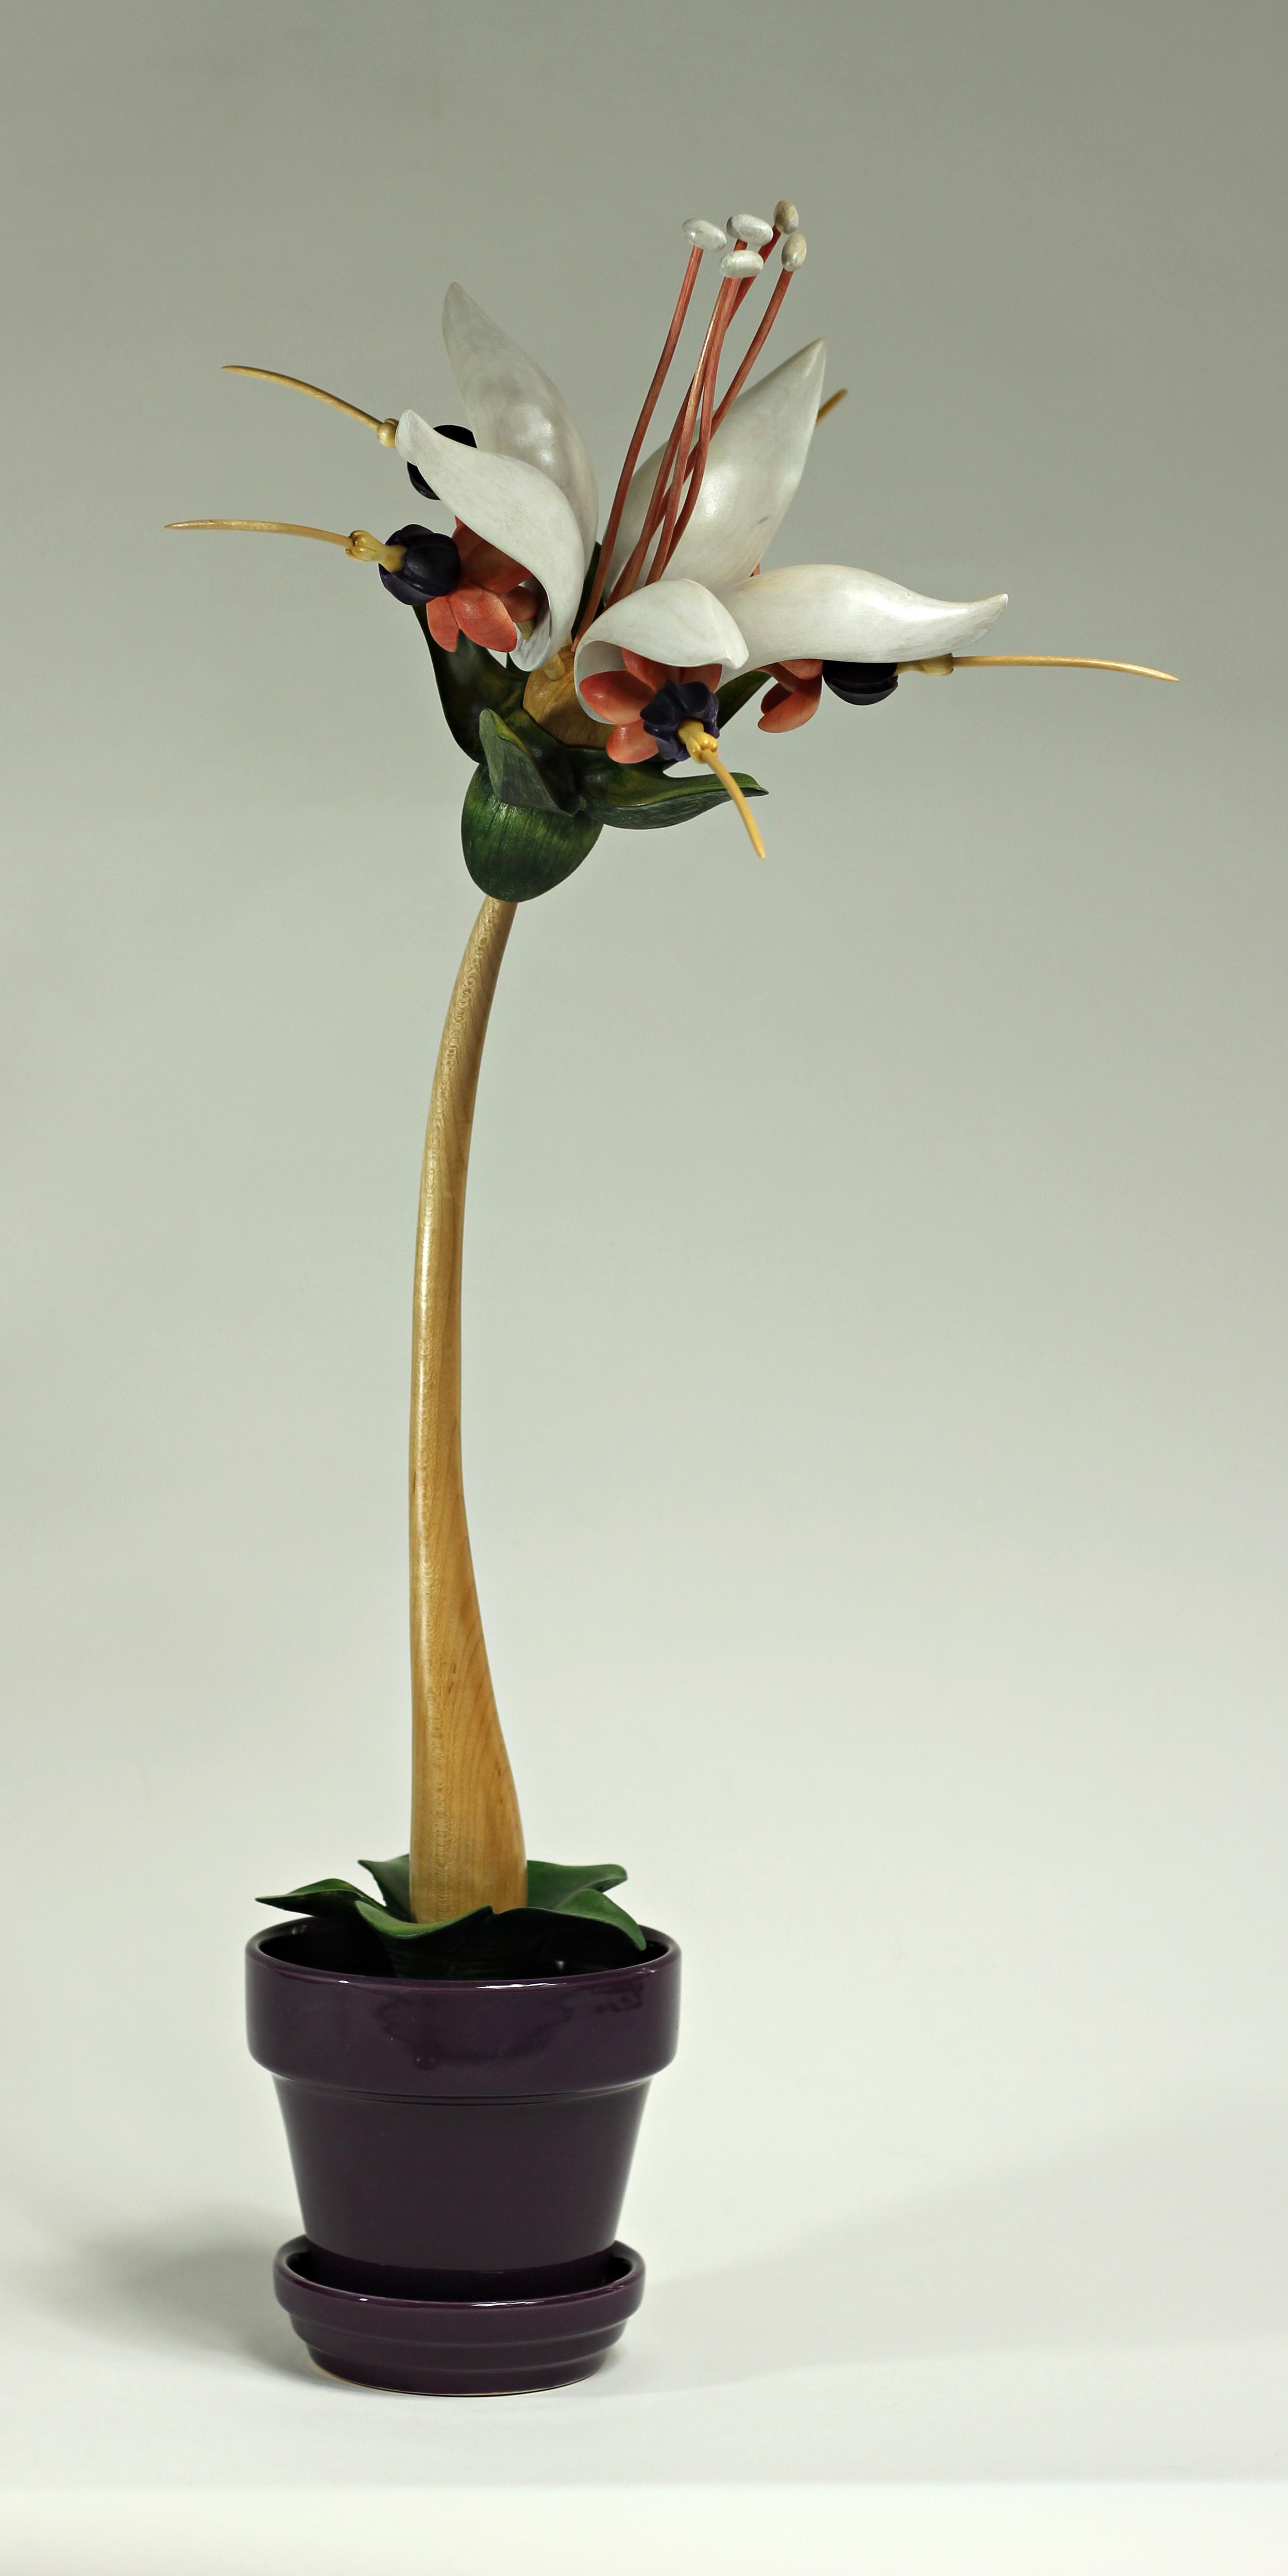 Bloom #16 by Sam Hingston